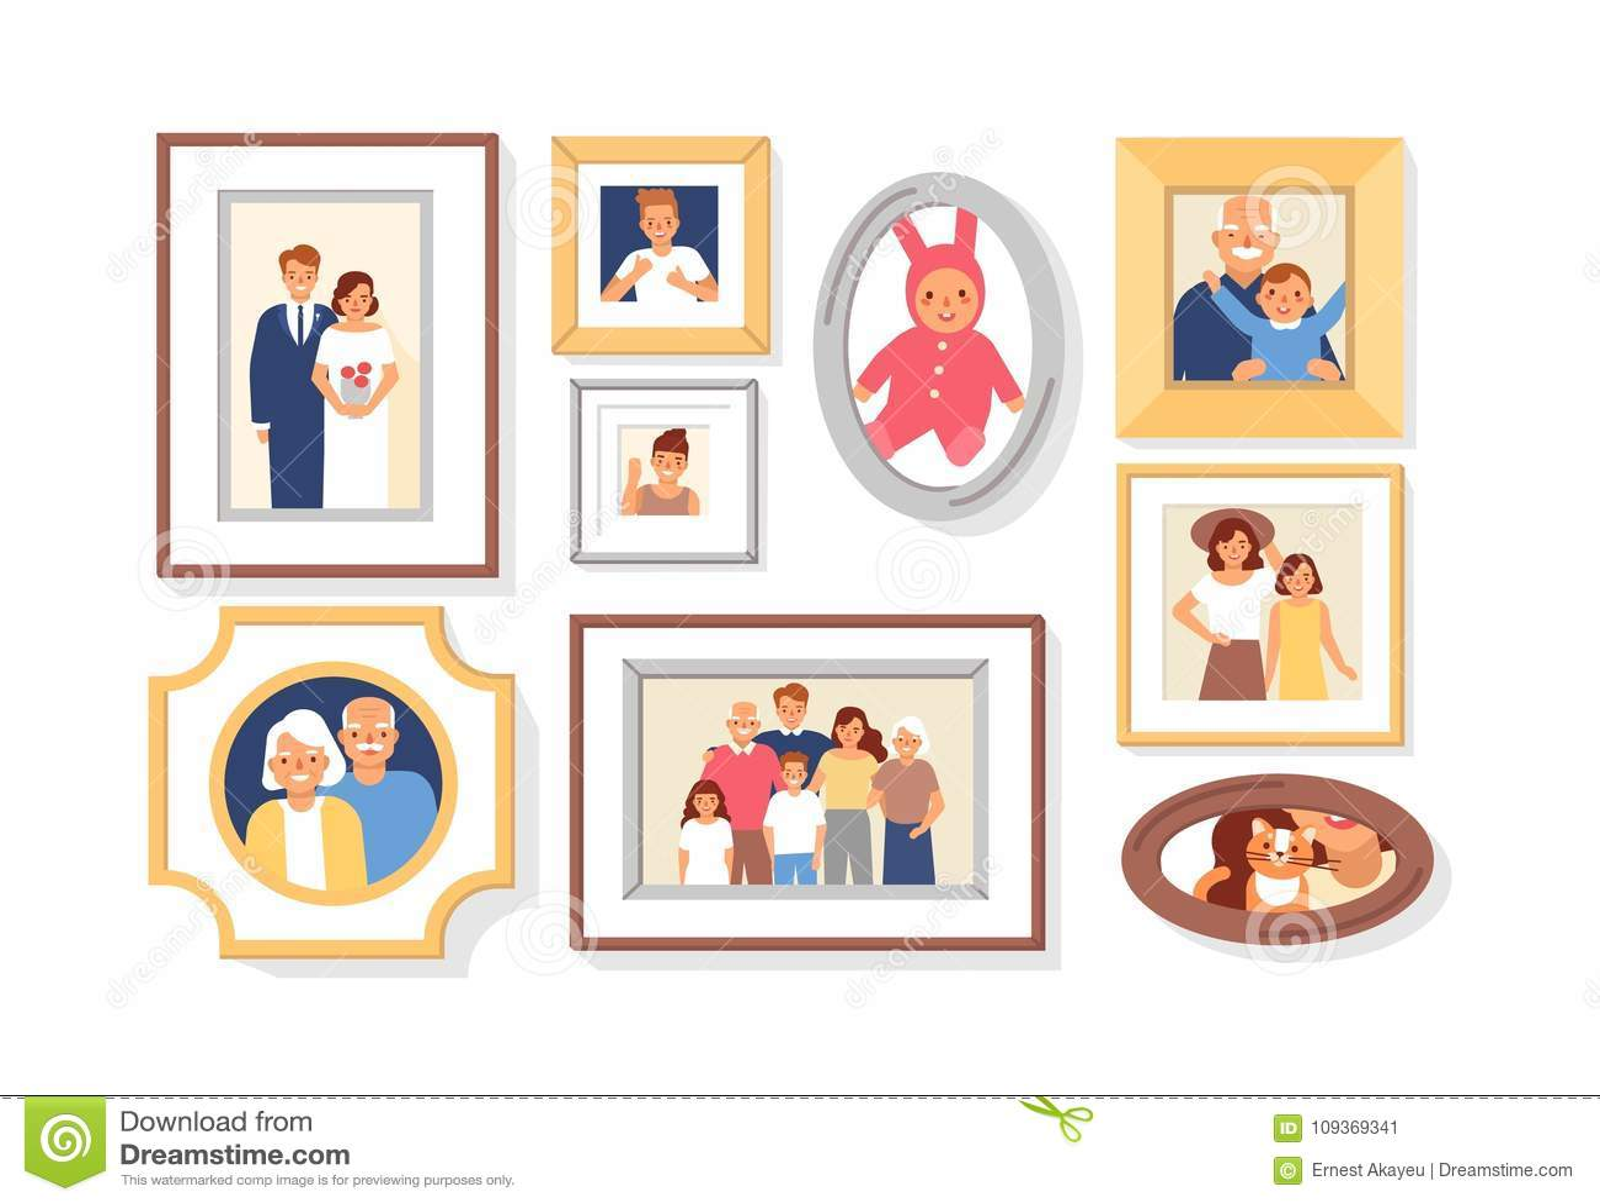 Colección De Fotos De Miembros De La Familia O Parientes Y Eventos ...